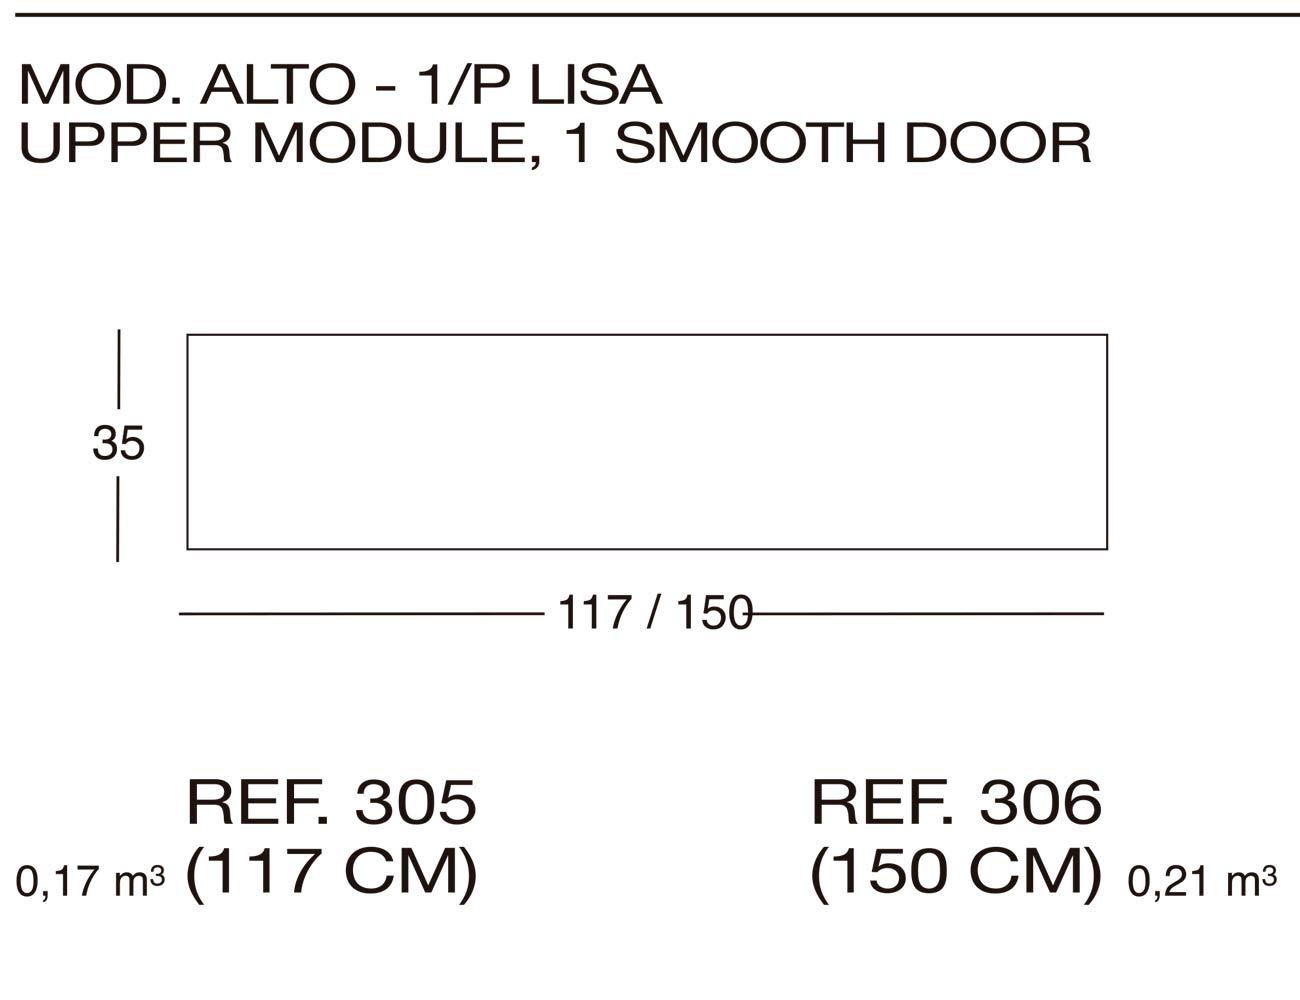 Modulo alto 306